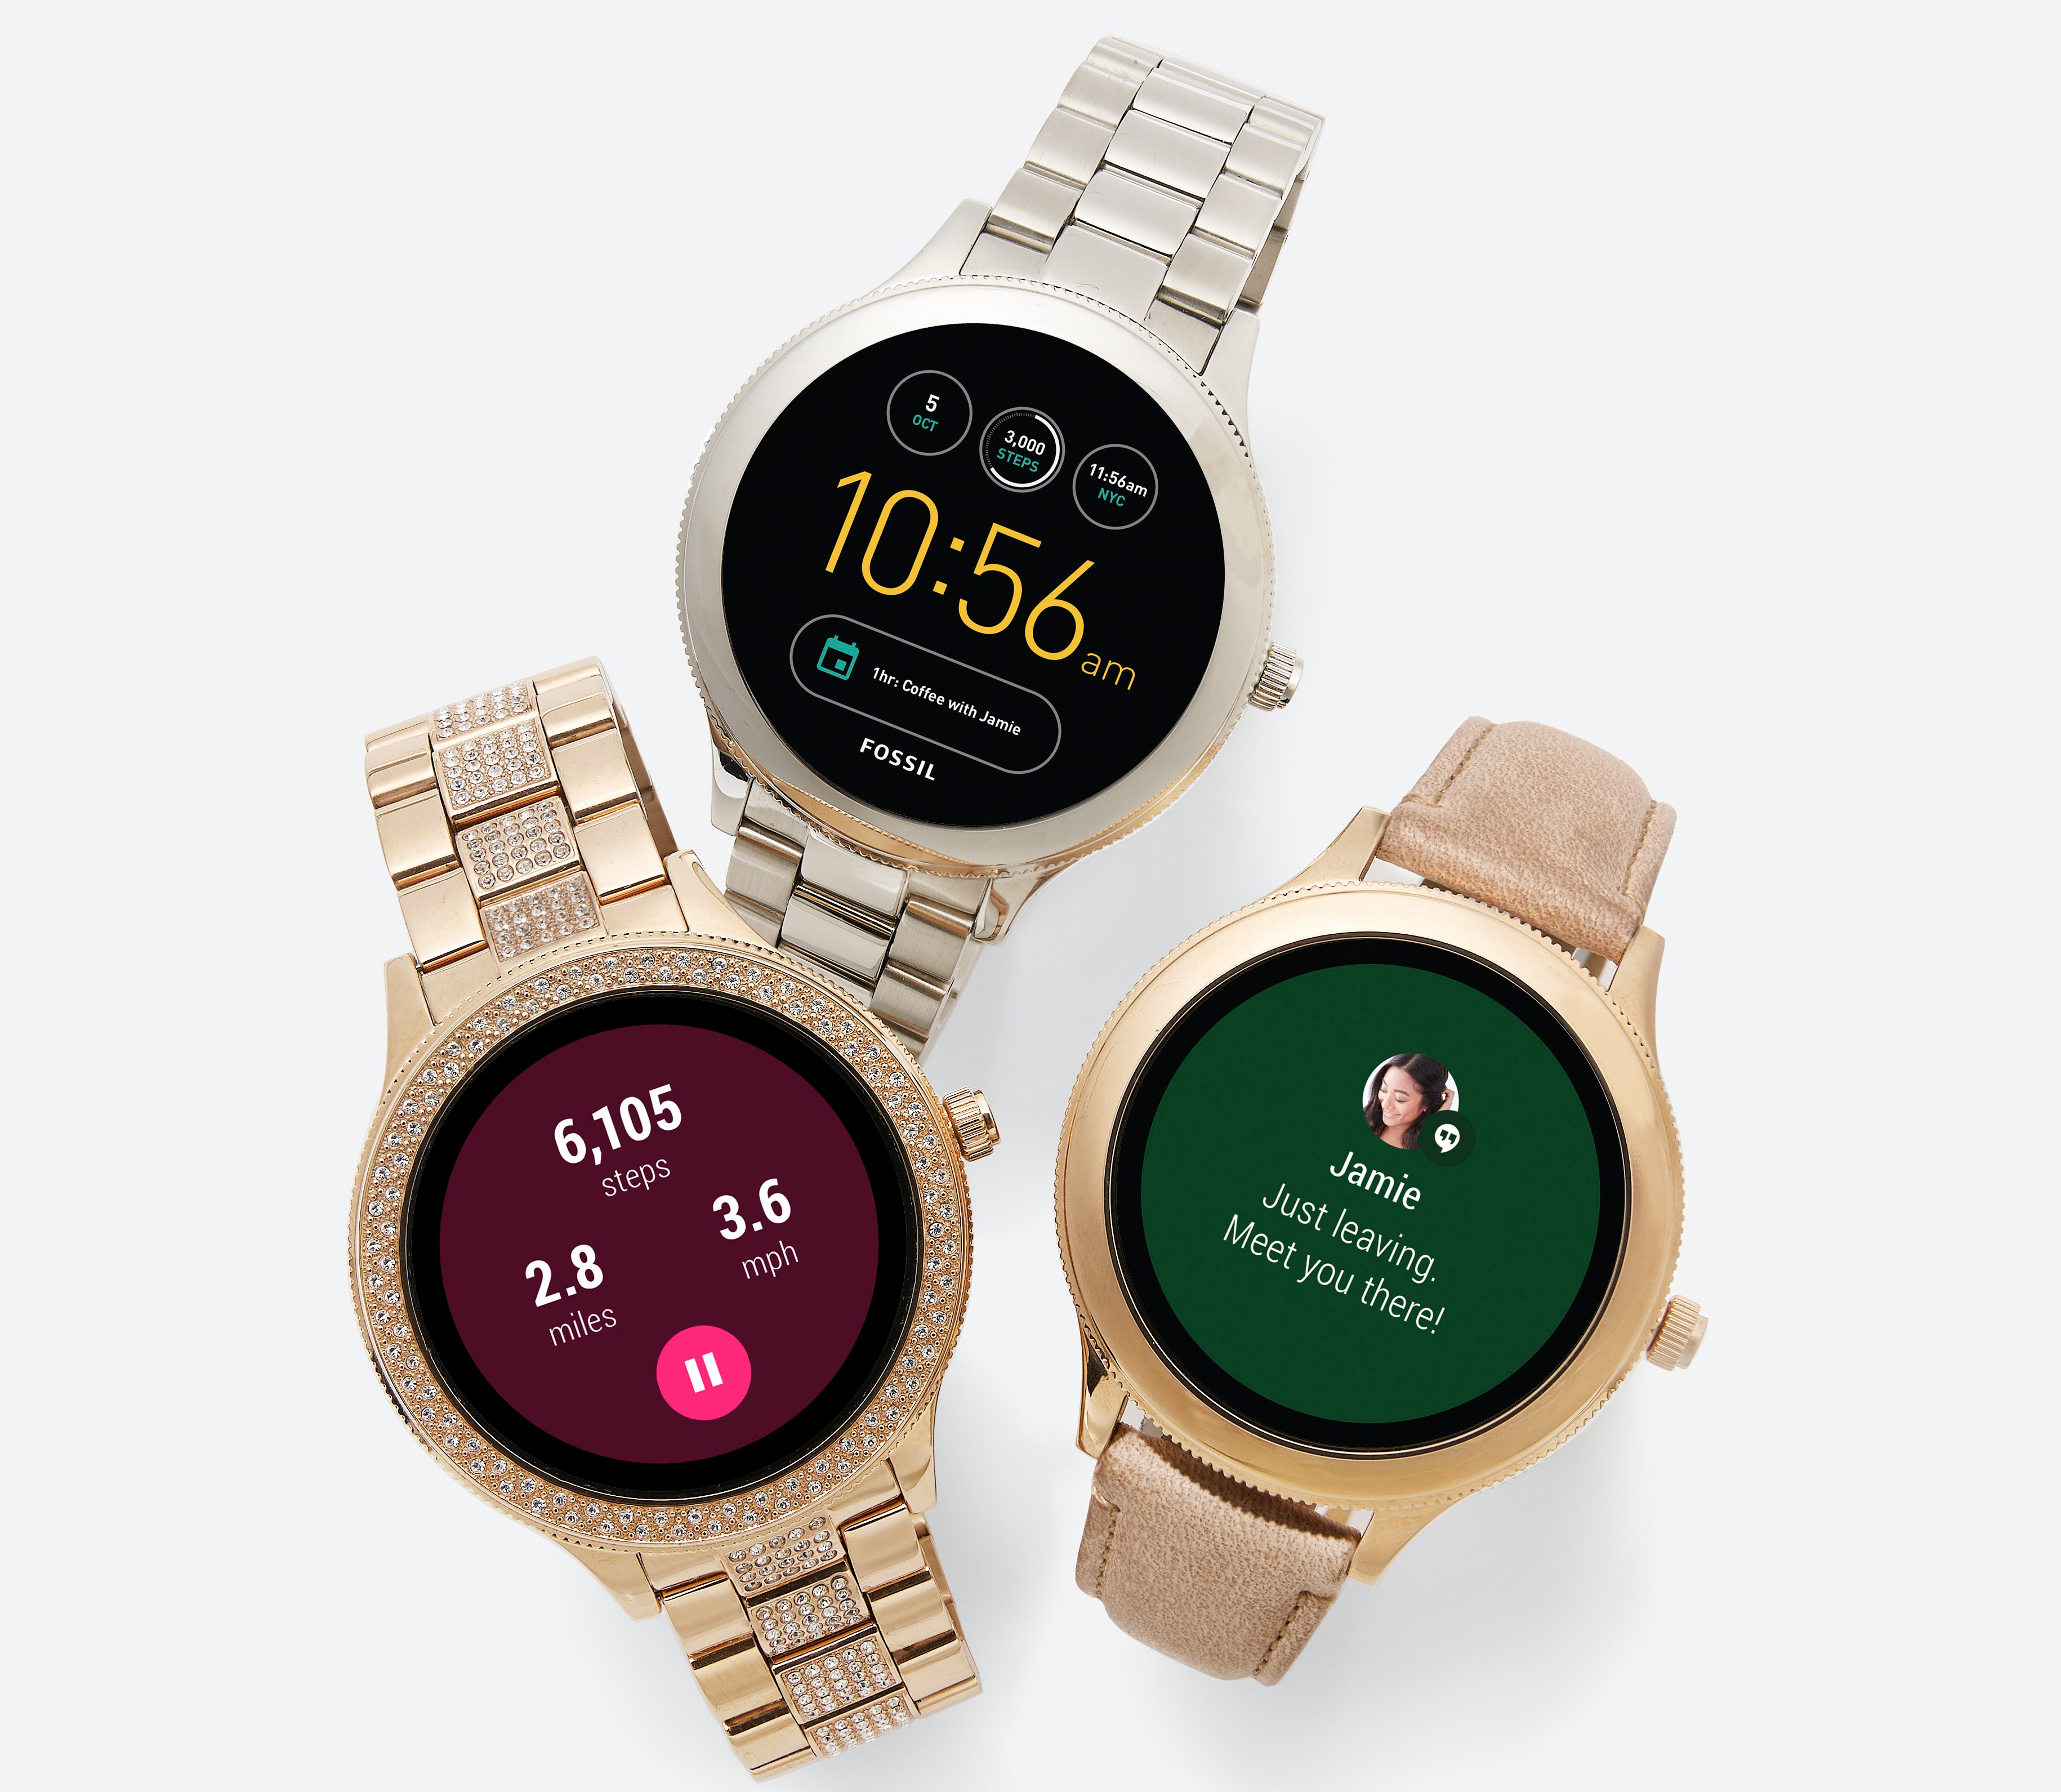 macys-4-fossil_q_womens_venture_gen_3_touchscreen_smart_watches_42mm_255-00_275.jpg